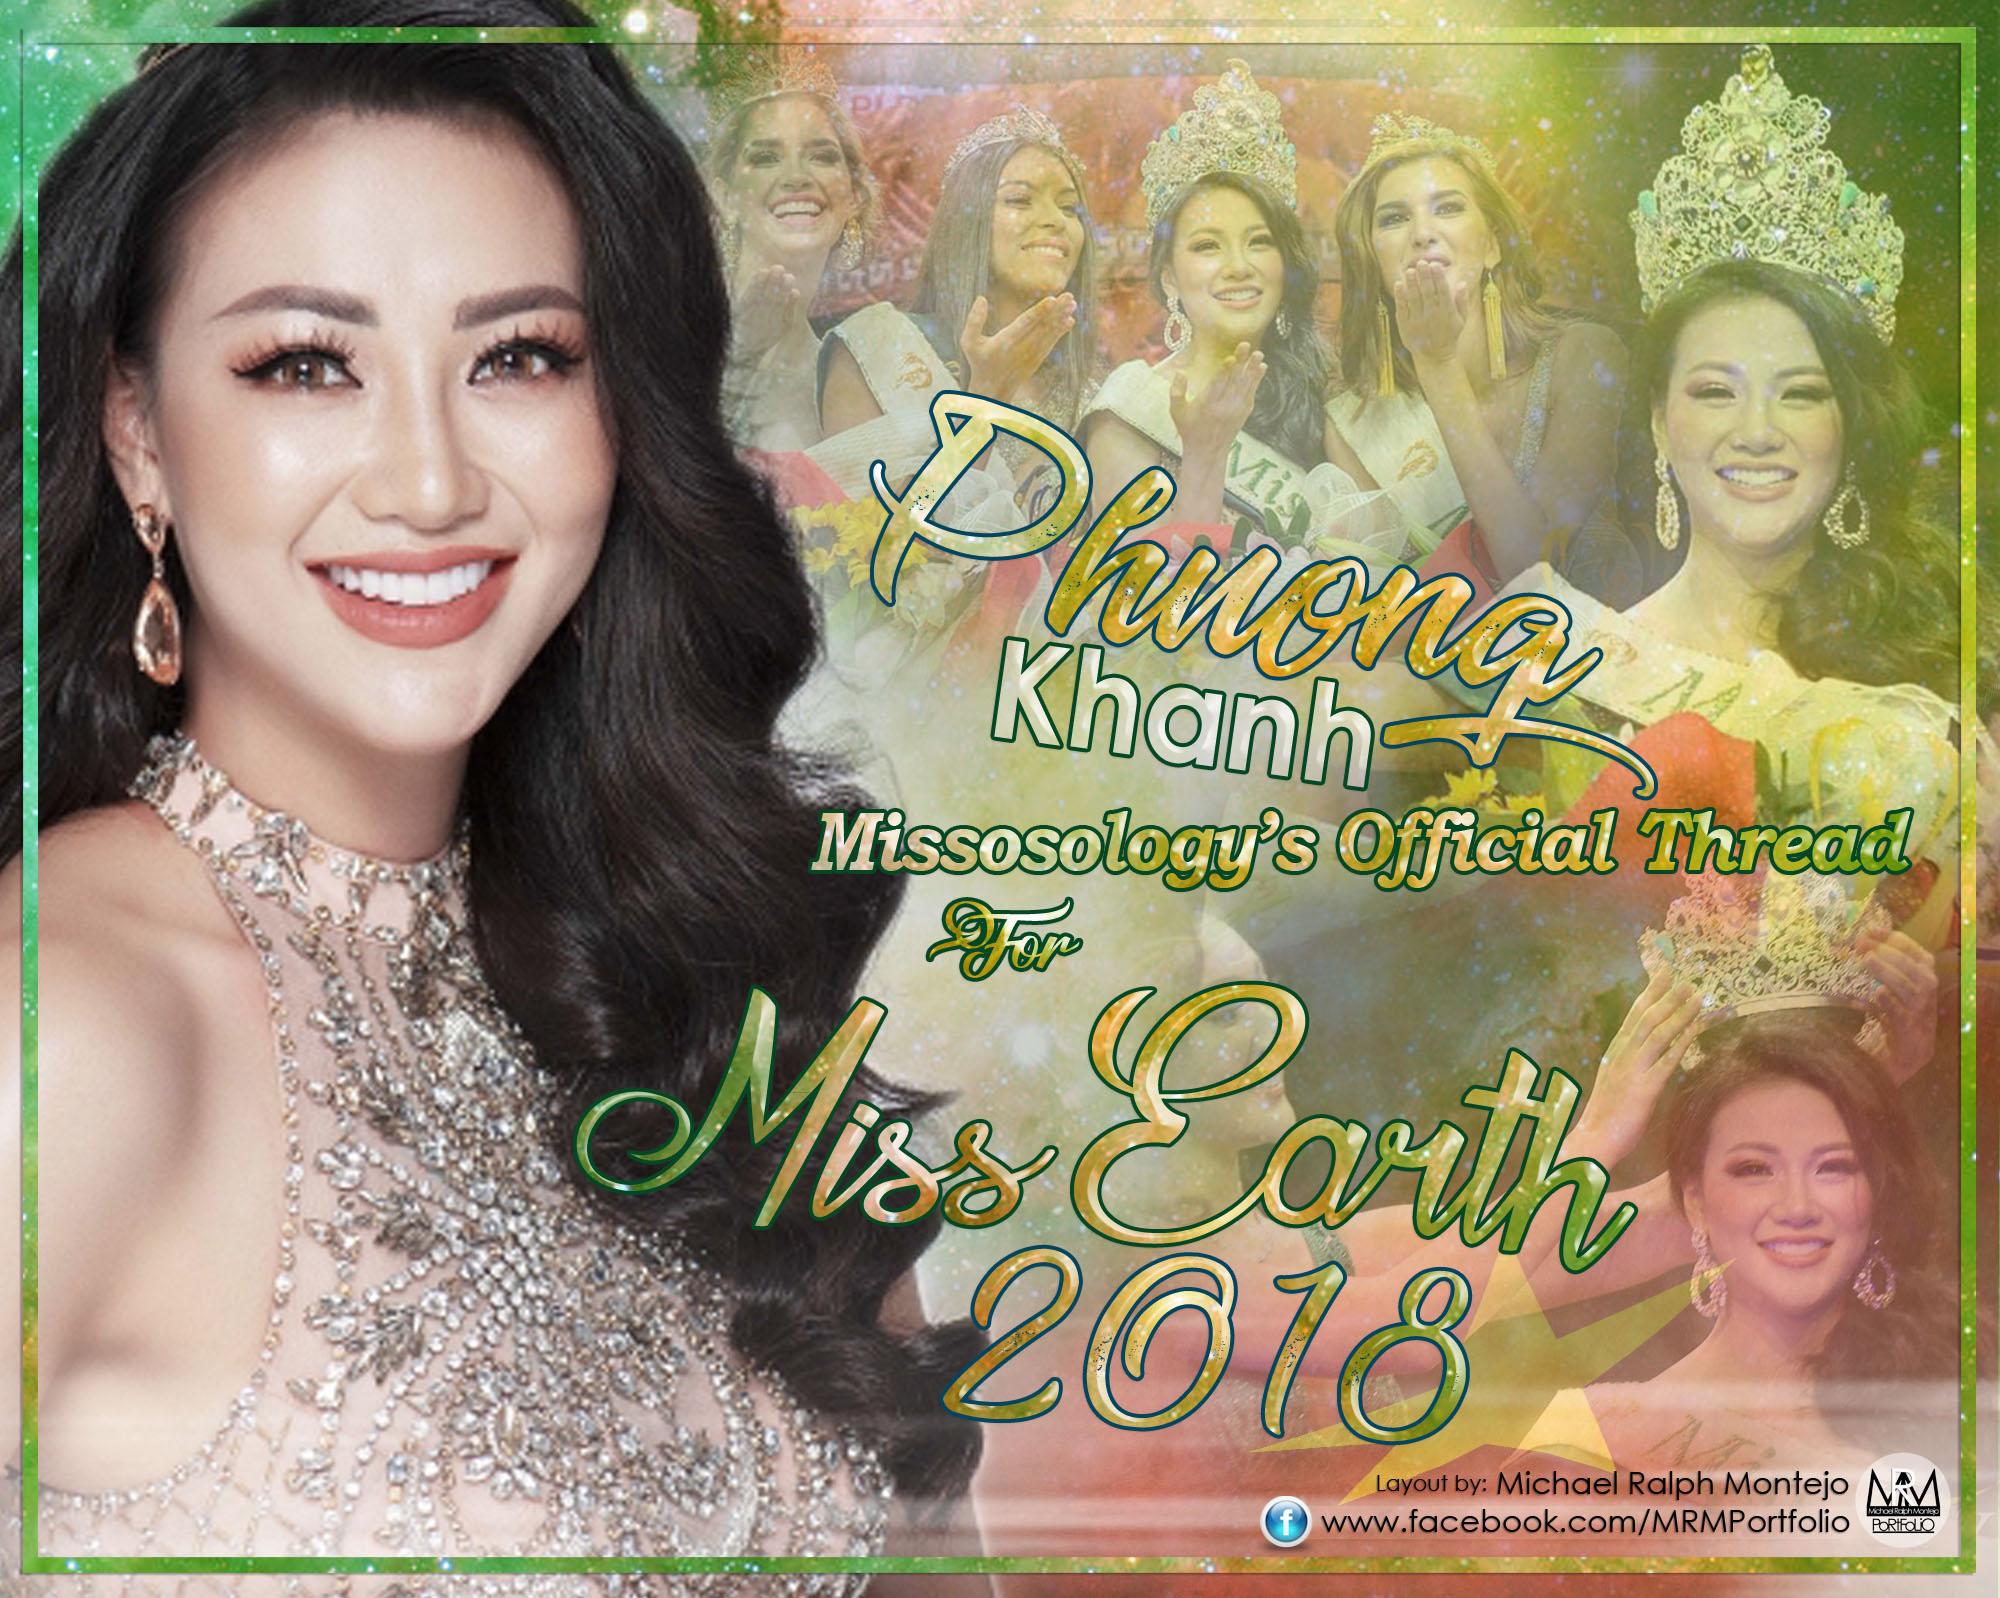 Miss Earth 2018, Phuong Khanh Nguyen